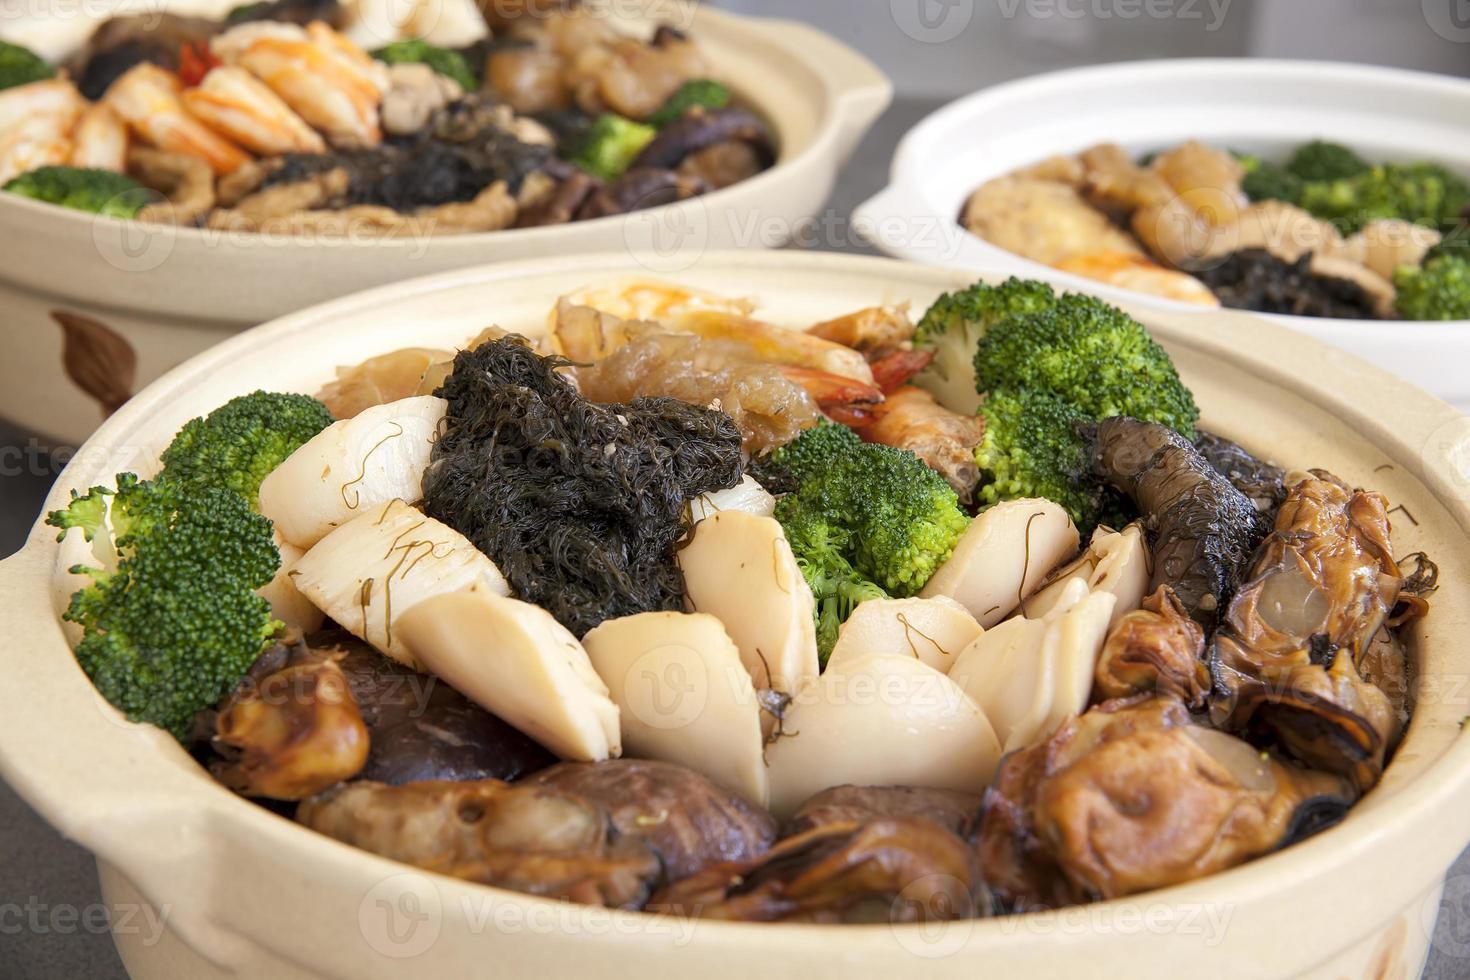 poon choi kantonese grote feestkommen close-up foto